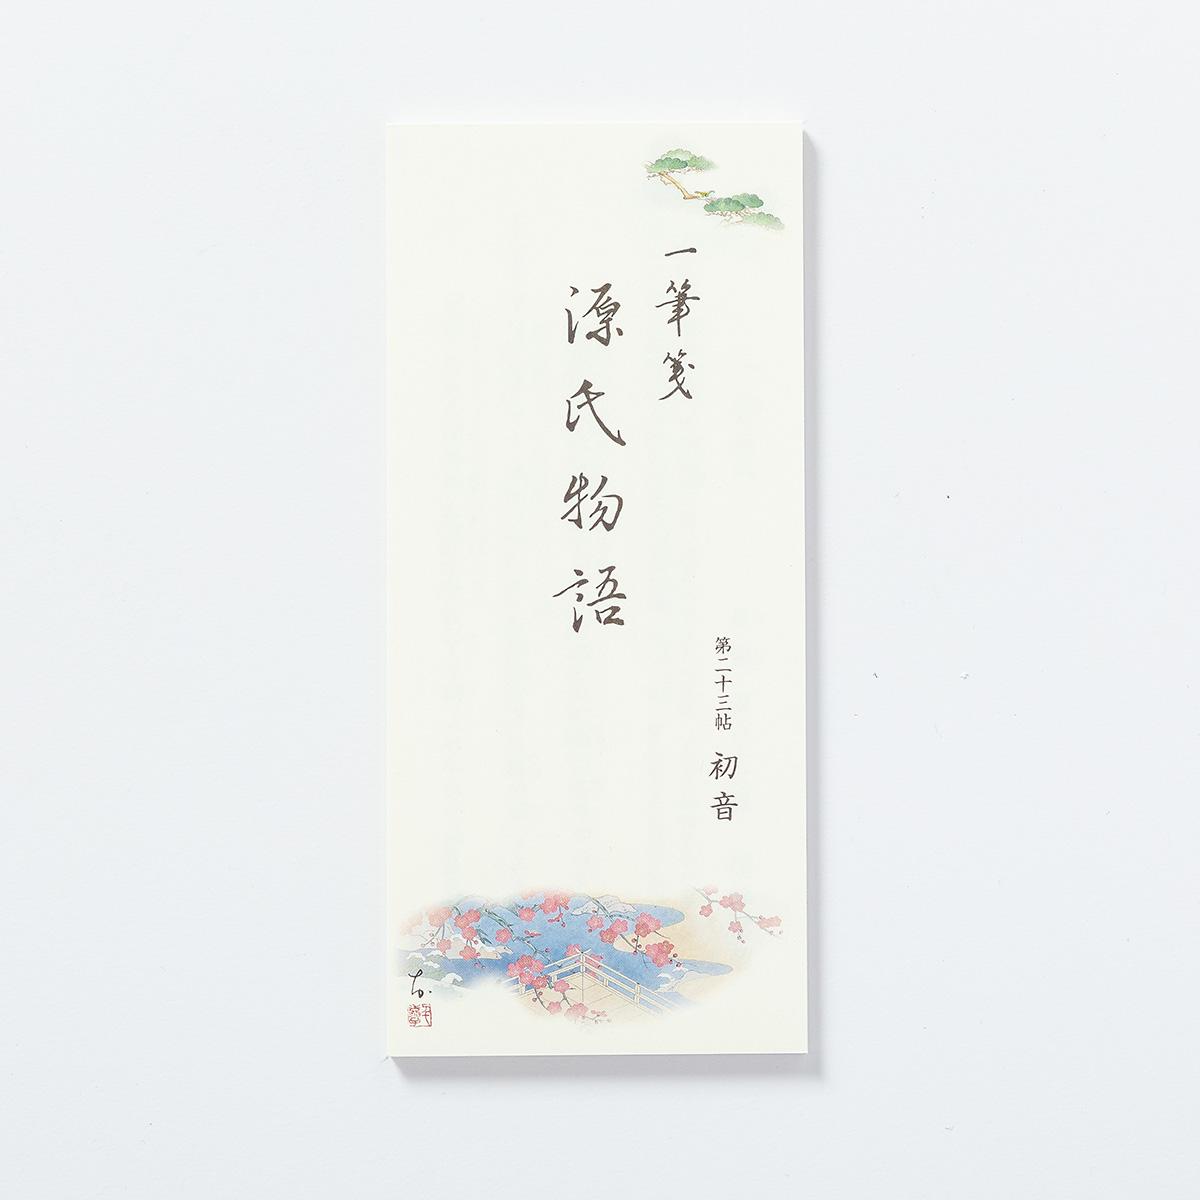 源氏物語一筆箋 第23帖「初音」